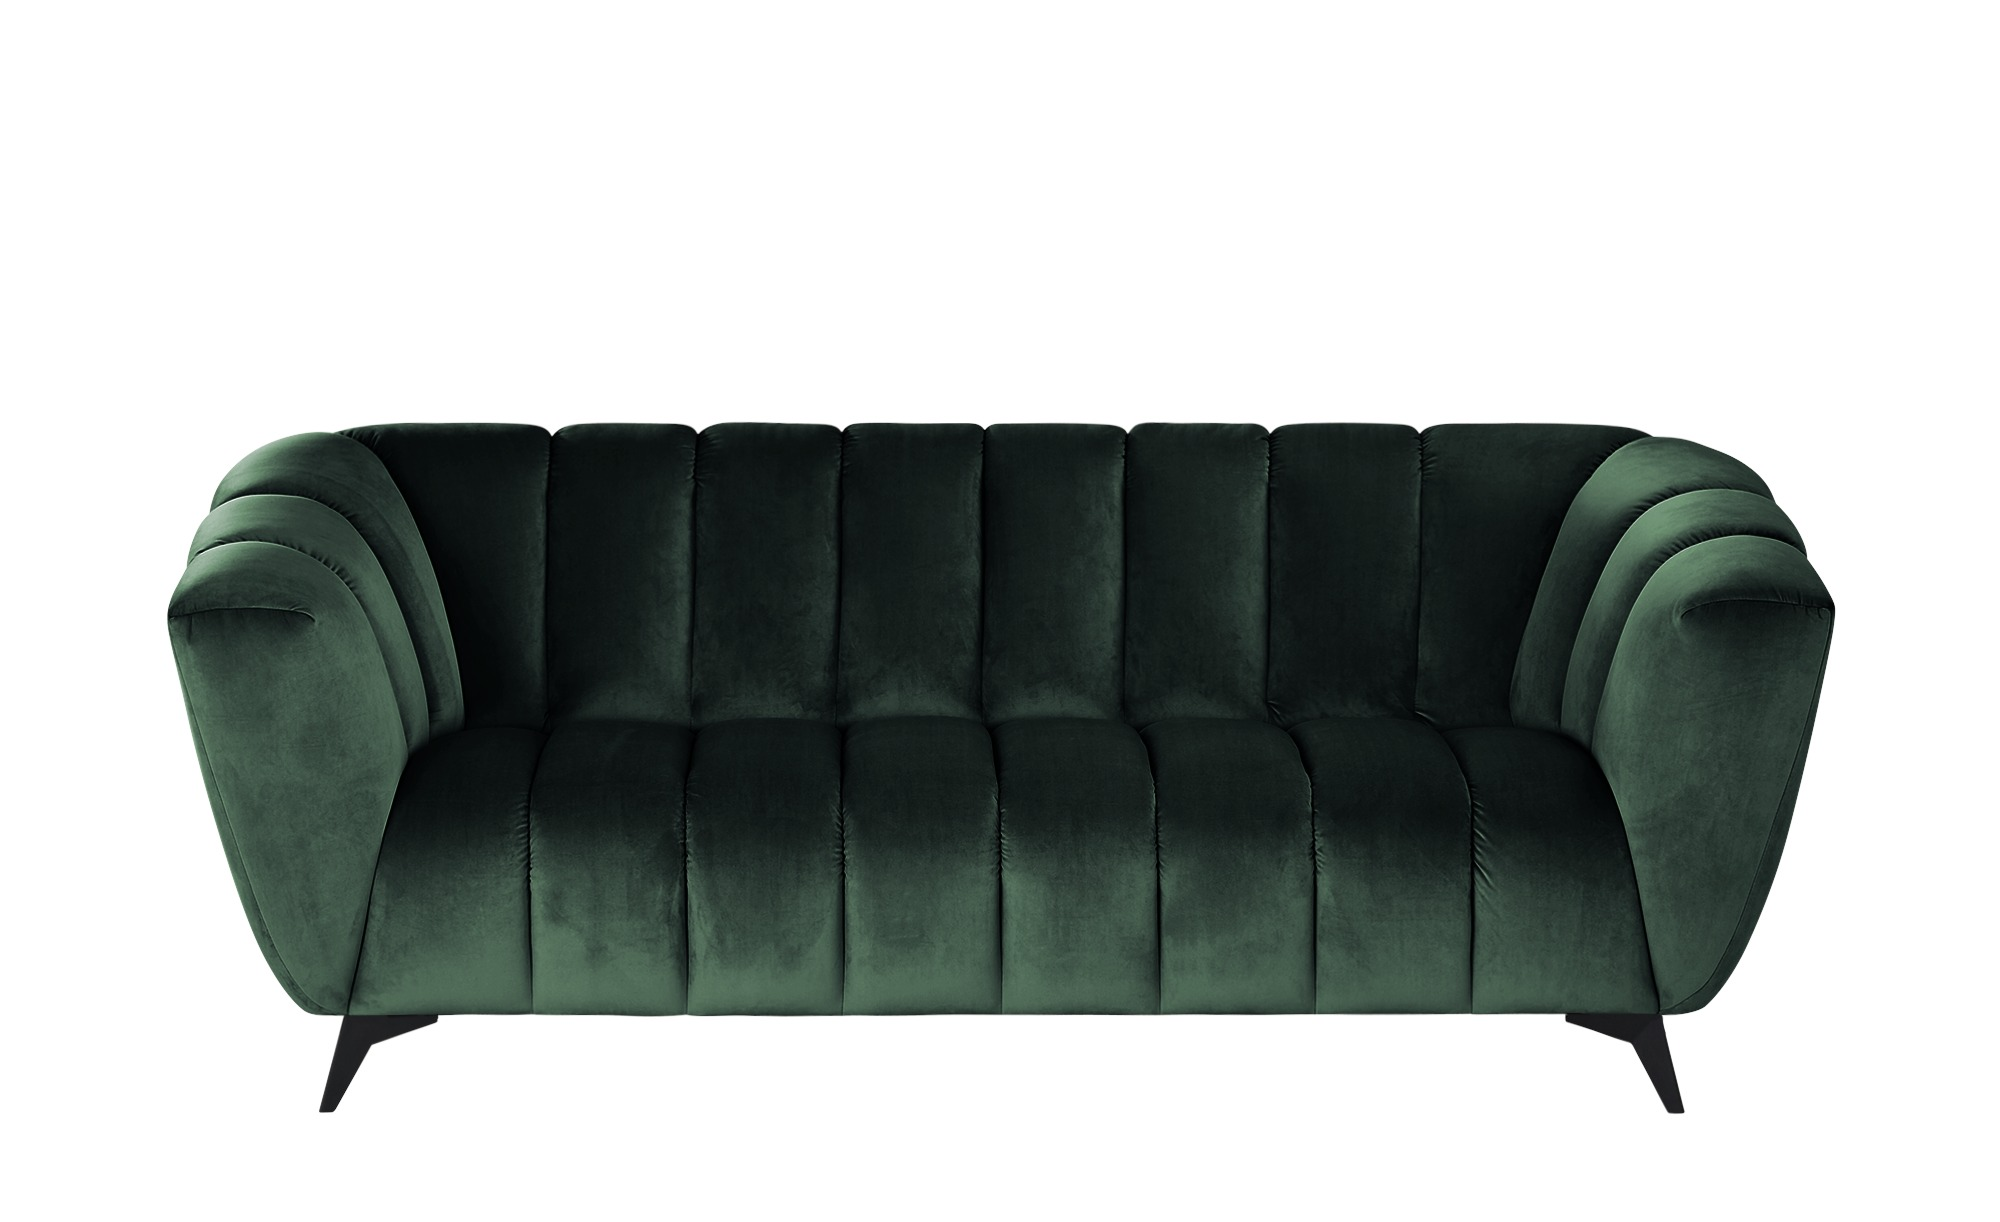 Sofa  Samantha ¦ grün ¦ Maße (cm): B: 220 H: 86 T: 100 Polstermöbel > Sofas > 3-Sitzer - Höffner